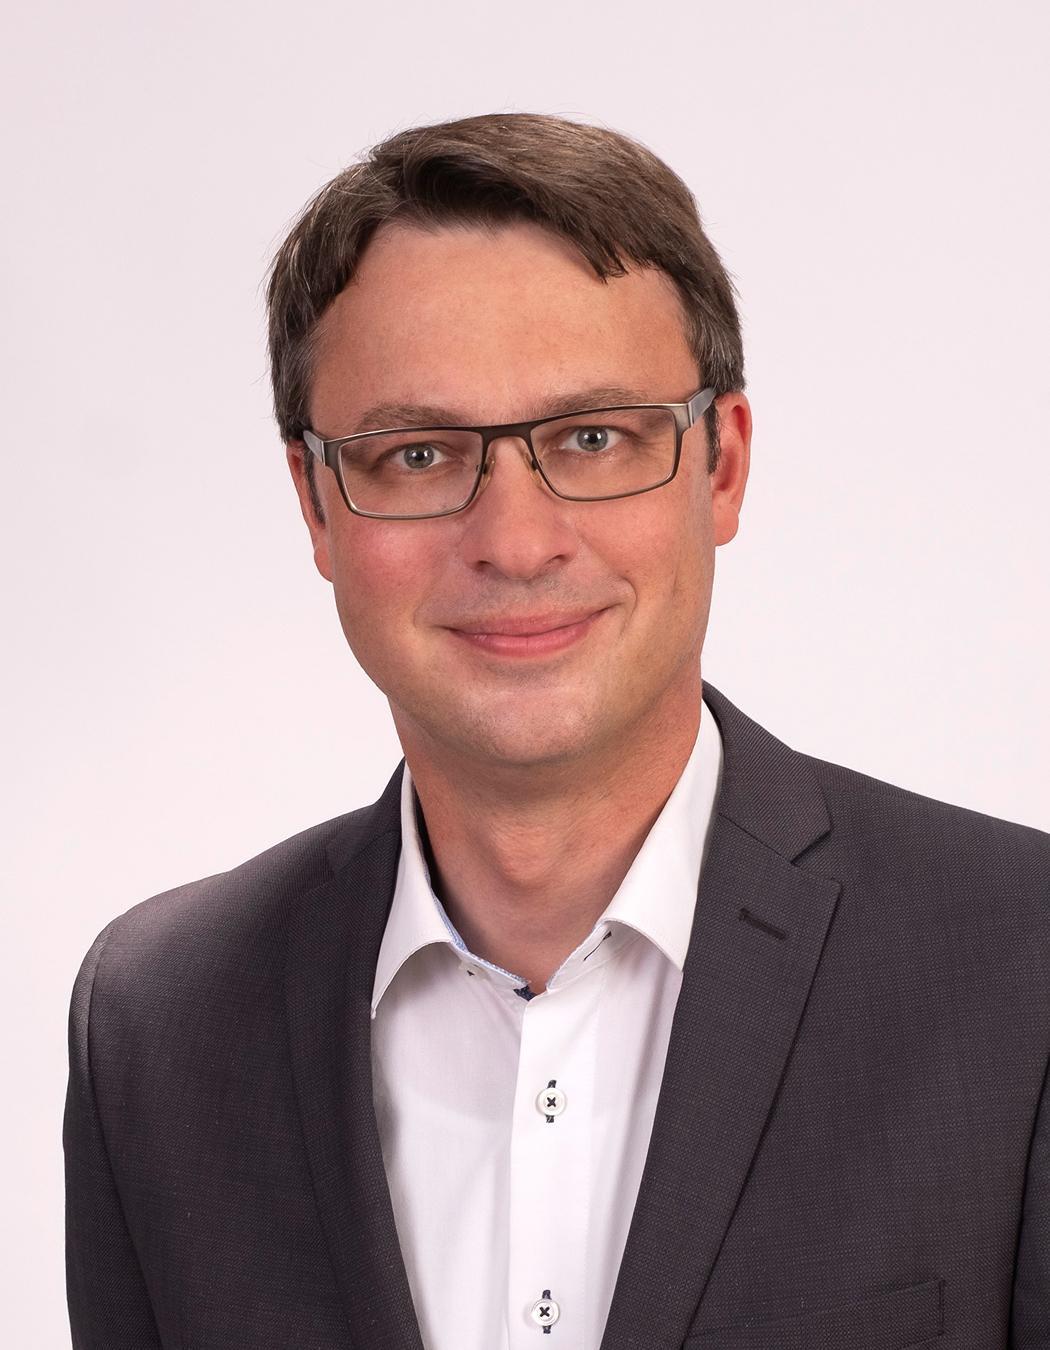 Jens Büttner